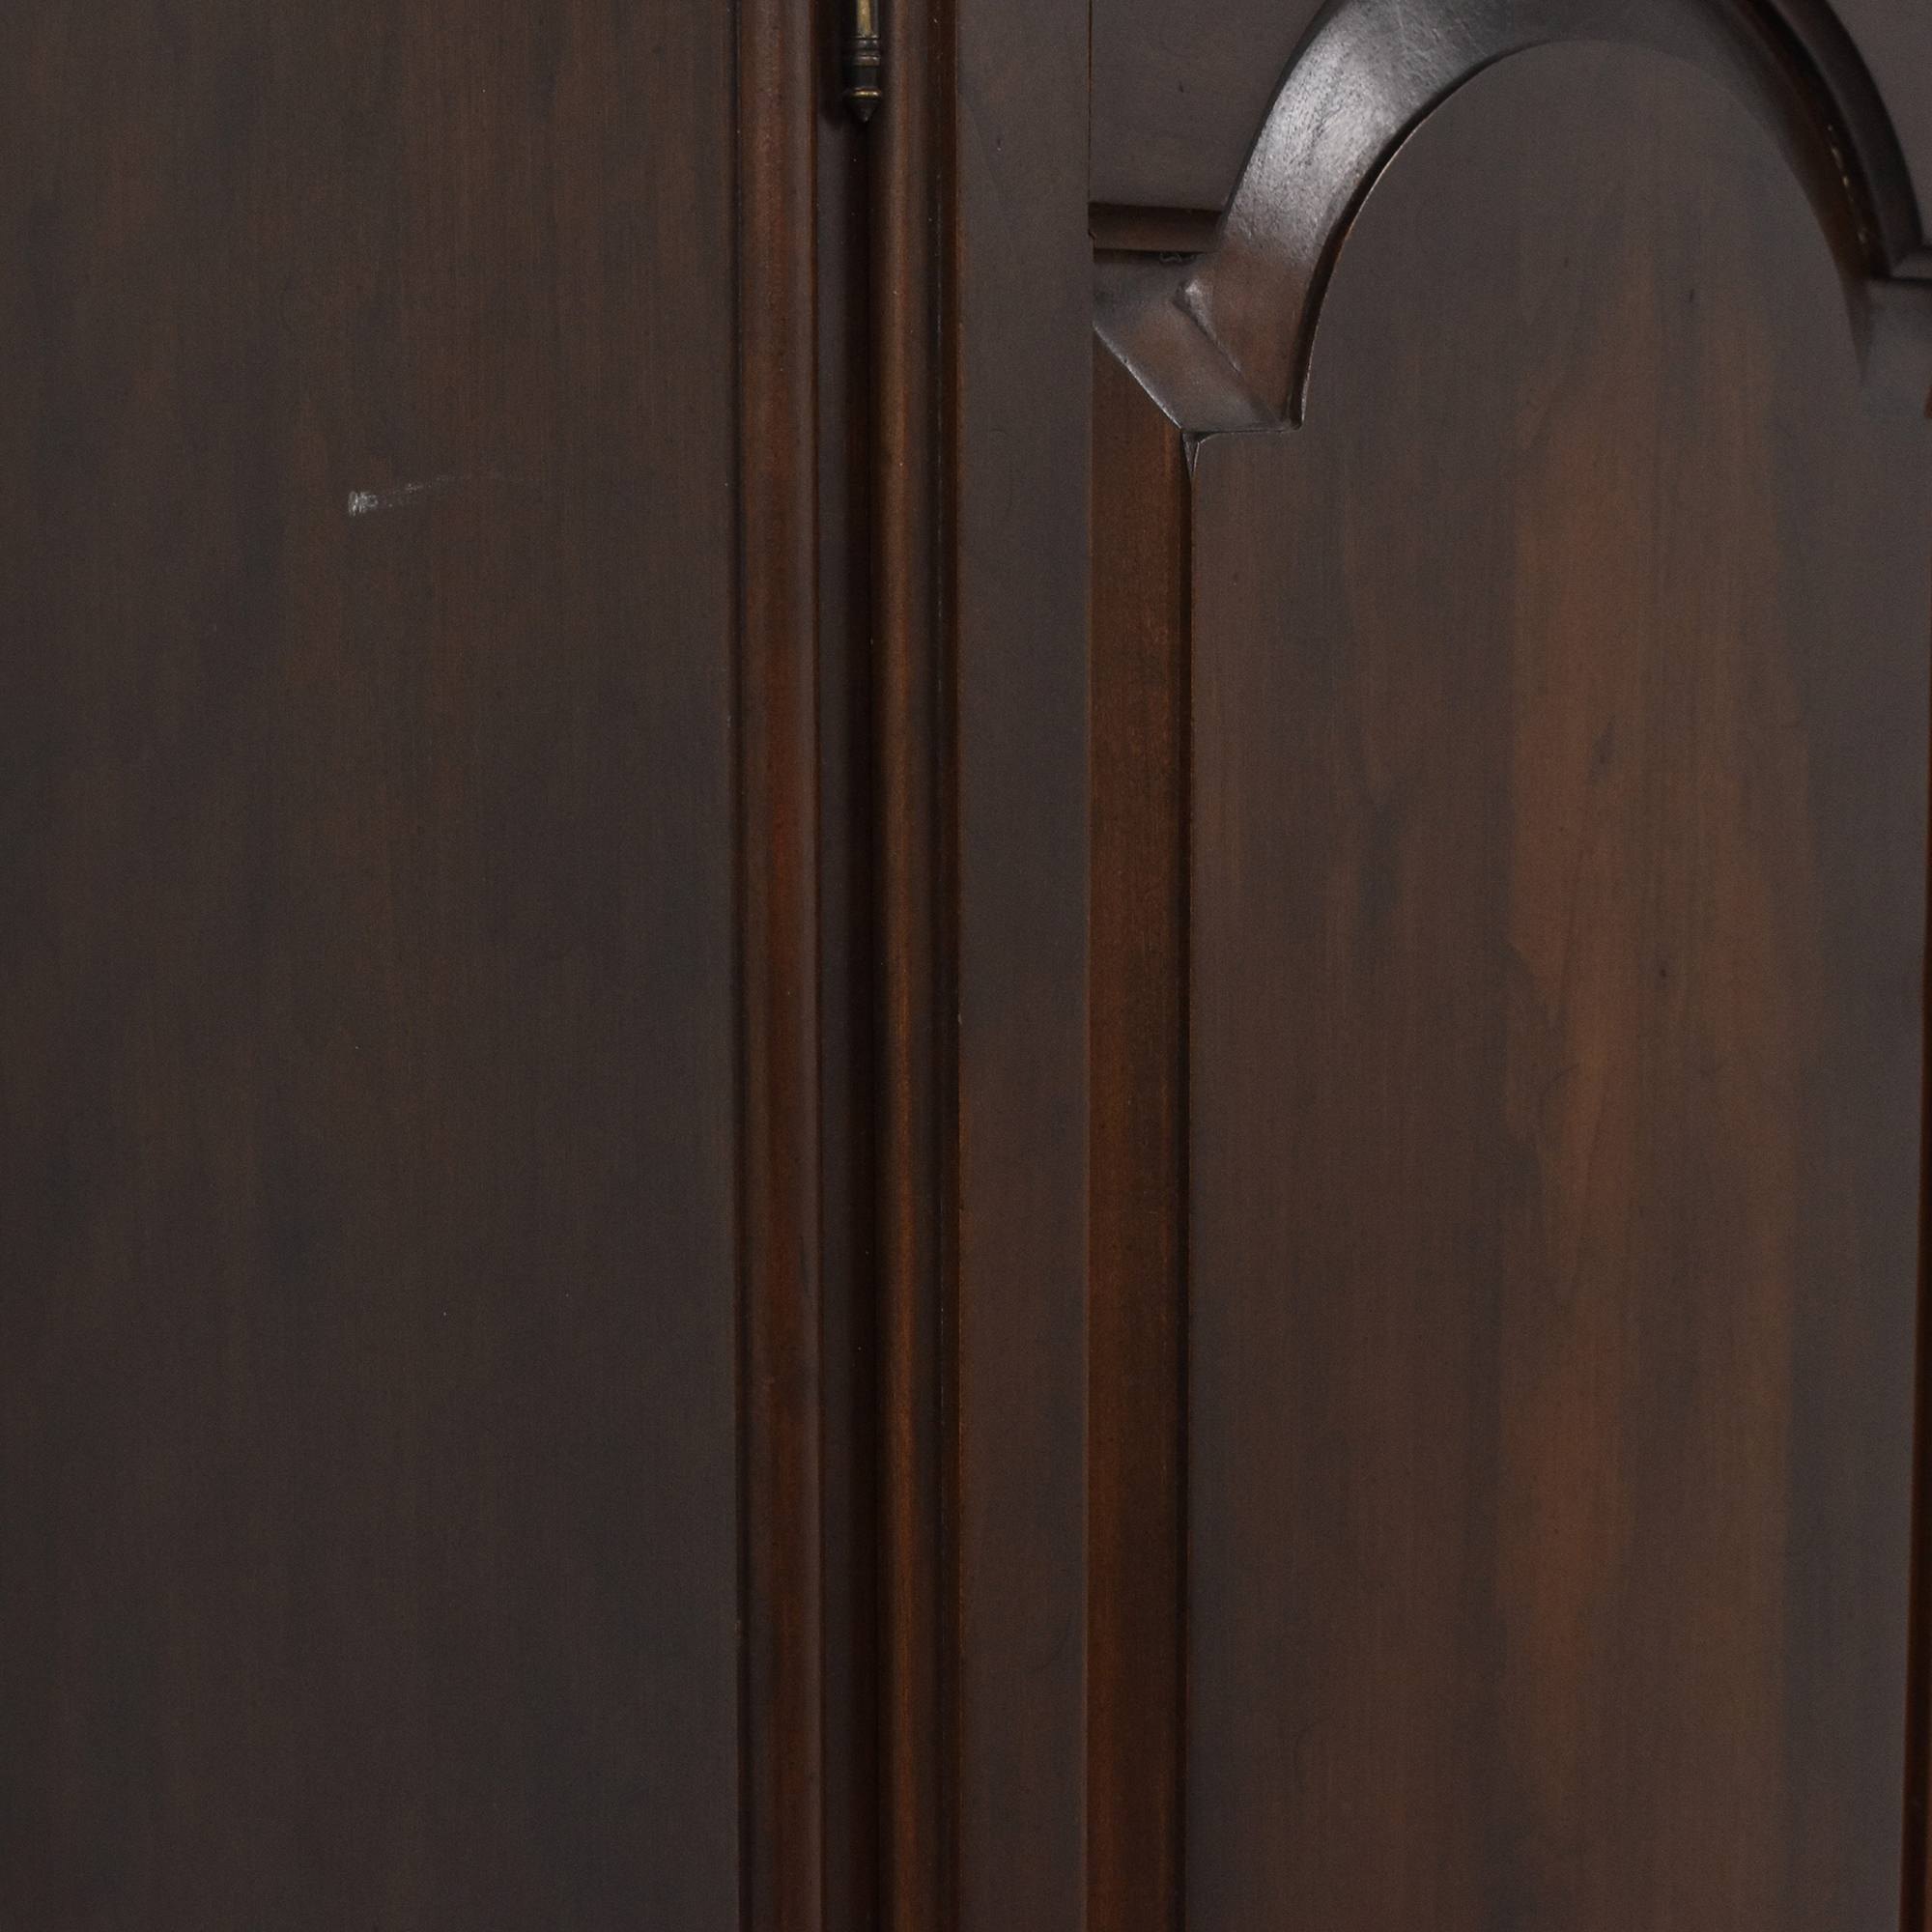 Ethan Allen Ethan Allen Sheffield Georgian Court Bookcase price